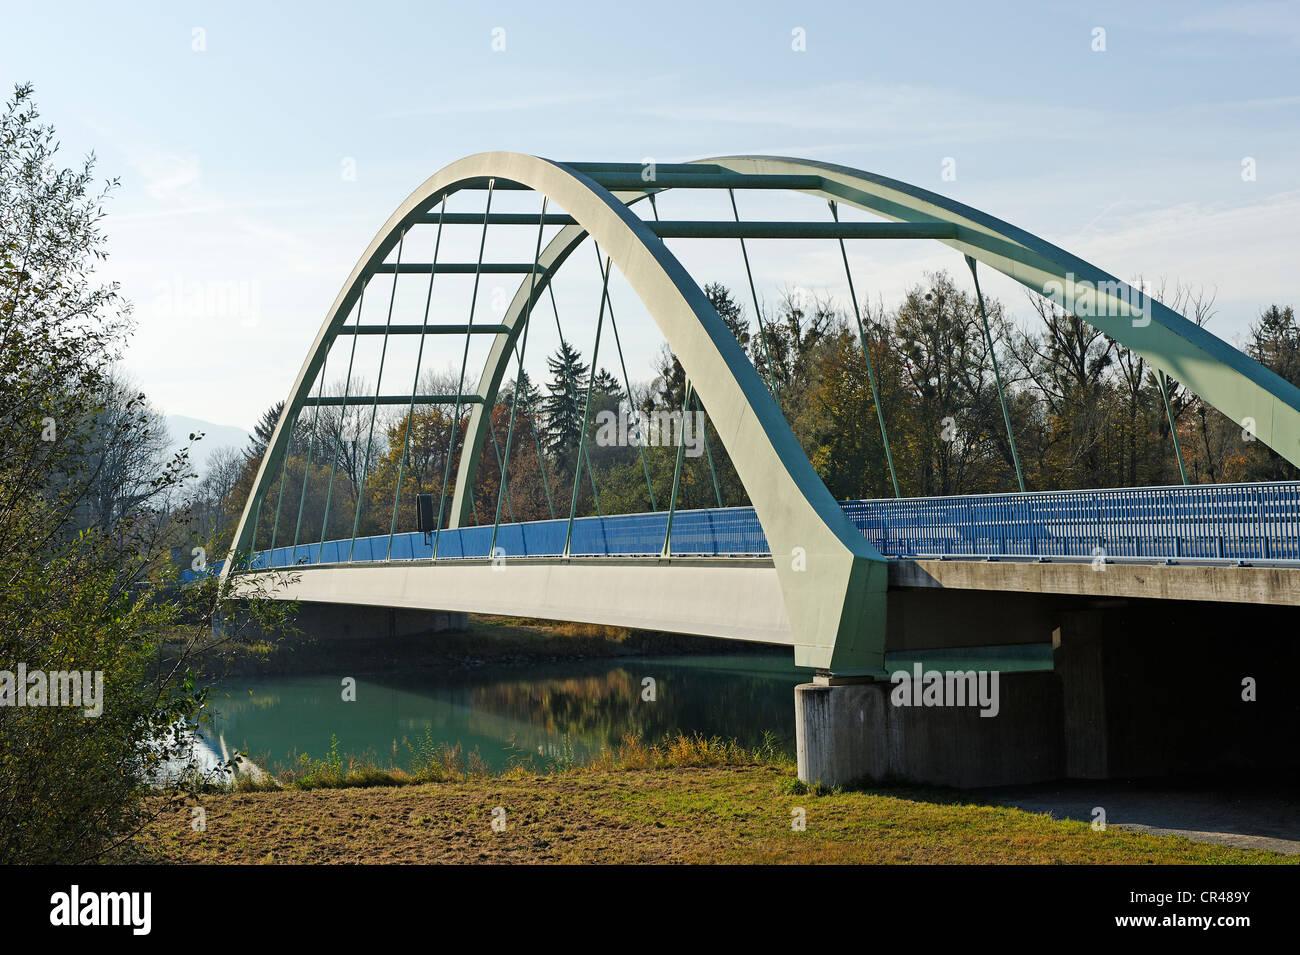 Innbruecke Brücke zwischen Raubling und Neubeuern, Oberbayern, Deutschland, Europa Stockbild